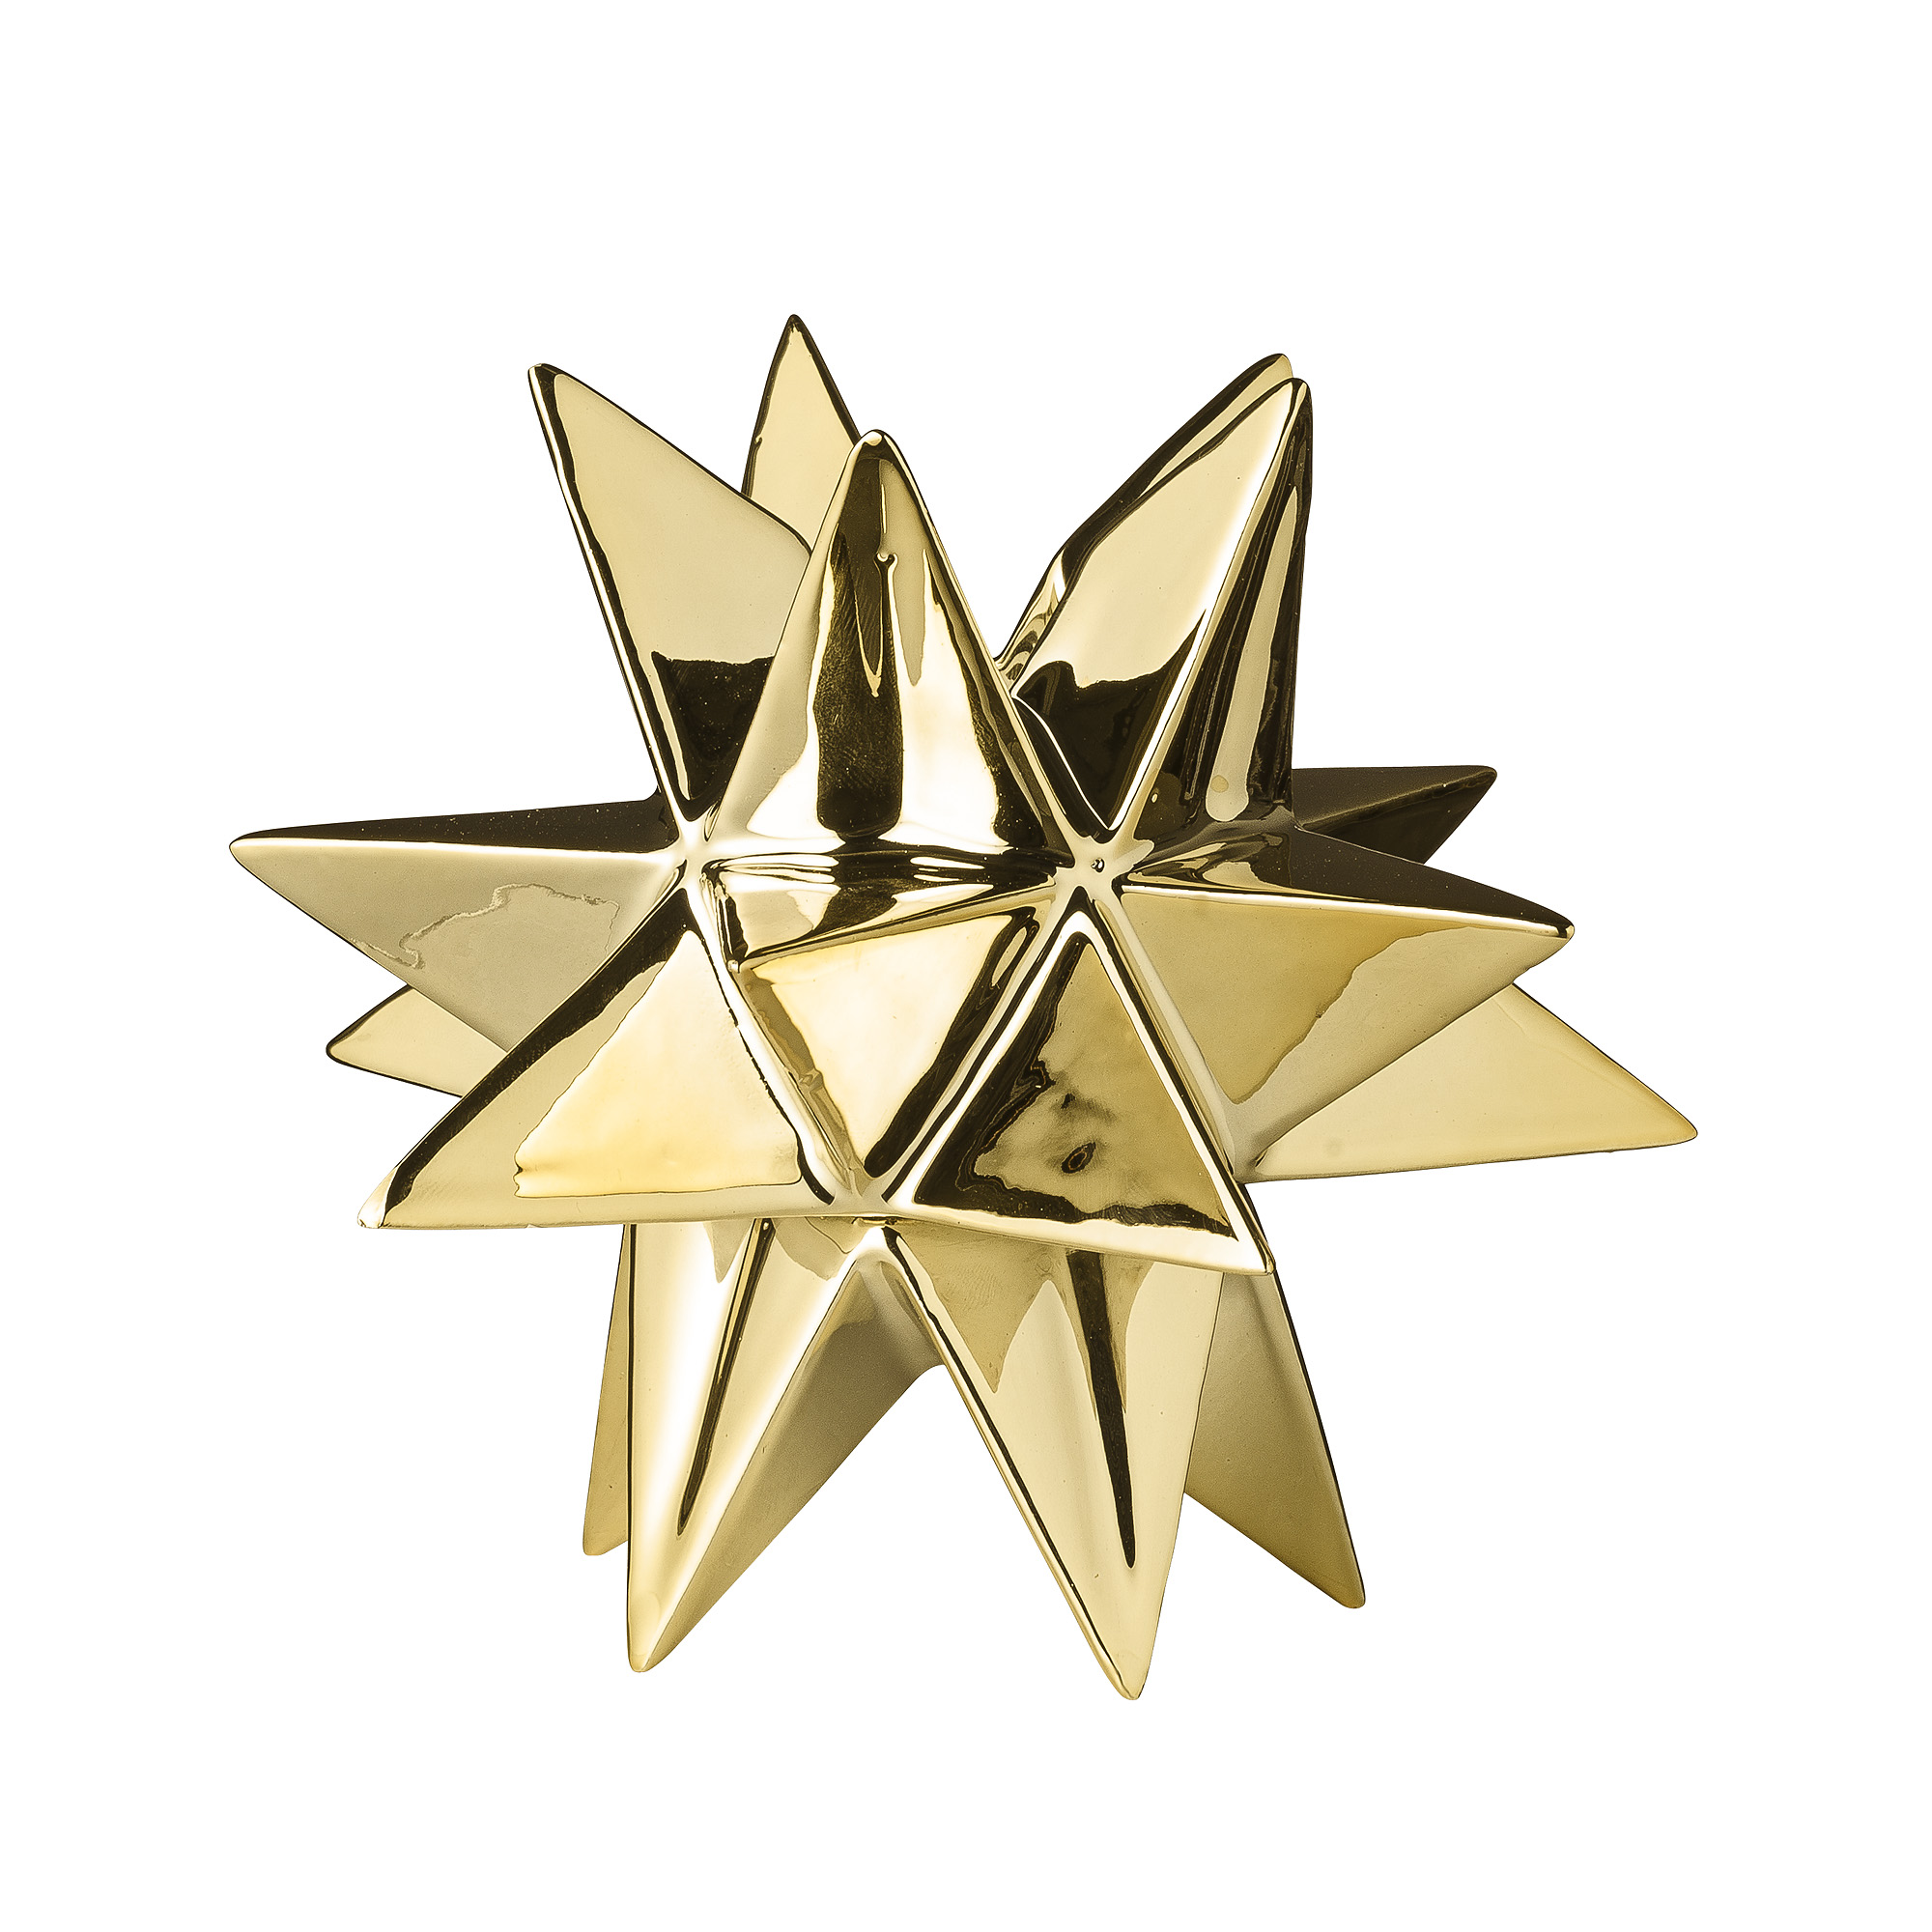 Подсвечник Bloomingville в виде декоративной звезды 3D bloomingville подсвечник фонарь gold